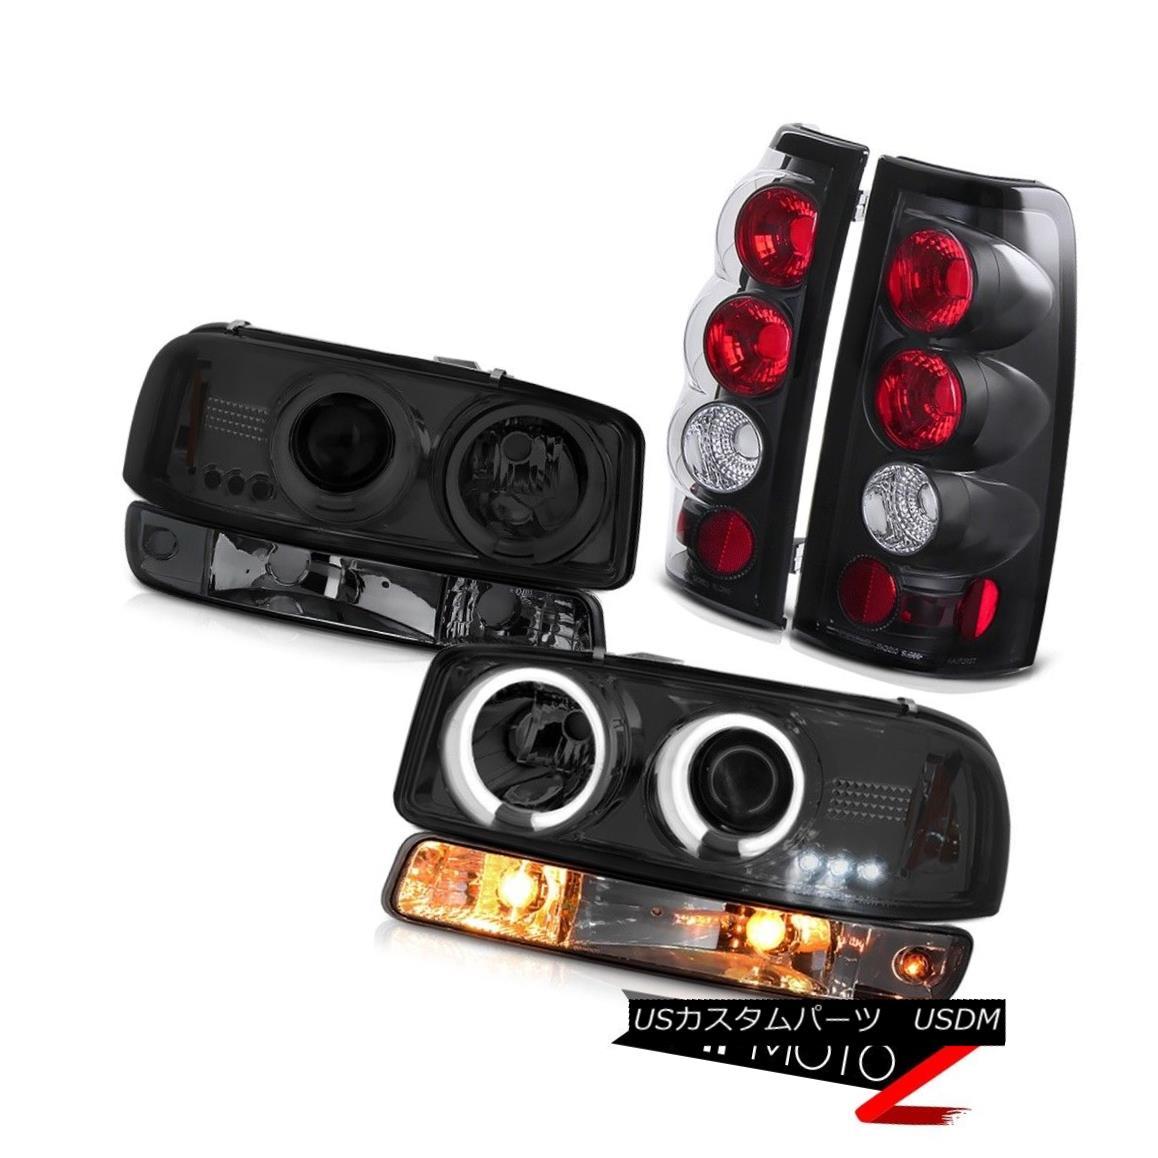 ヘッドライト 99-02 Sierra 1500 Raven black parking brake lights bumper light ccfl headlamps 99-02 Sierra 1500 Ravenブラックパーキングブレーキライトバンパーライトccflヘッドランプ